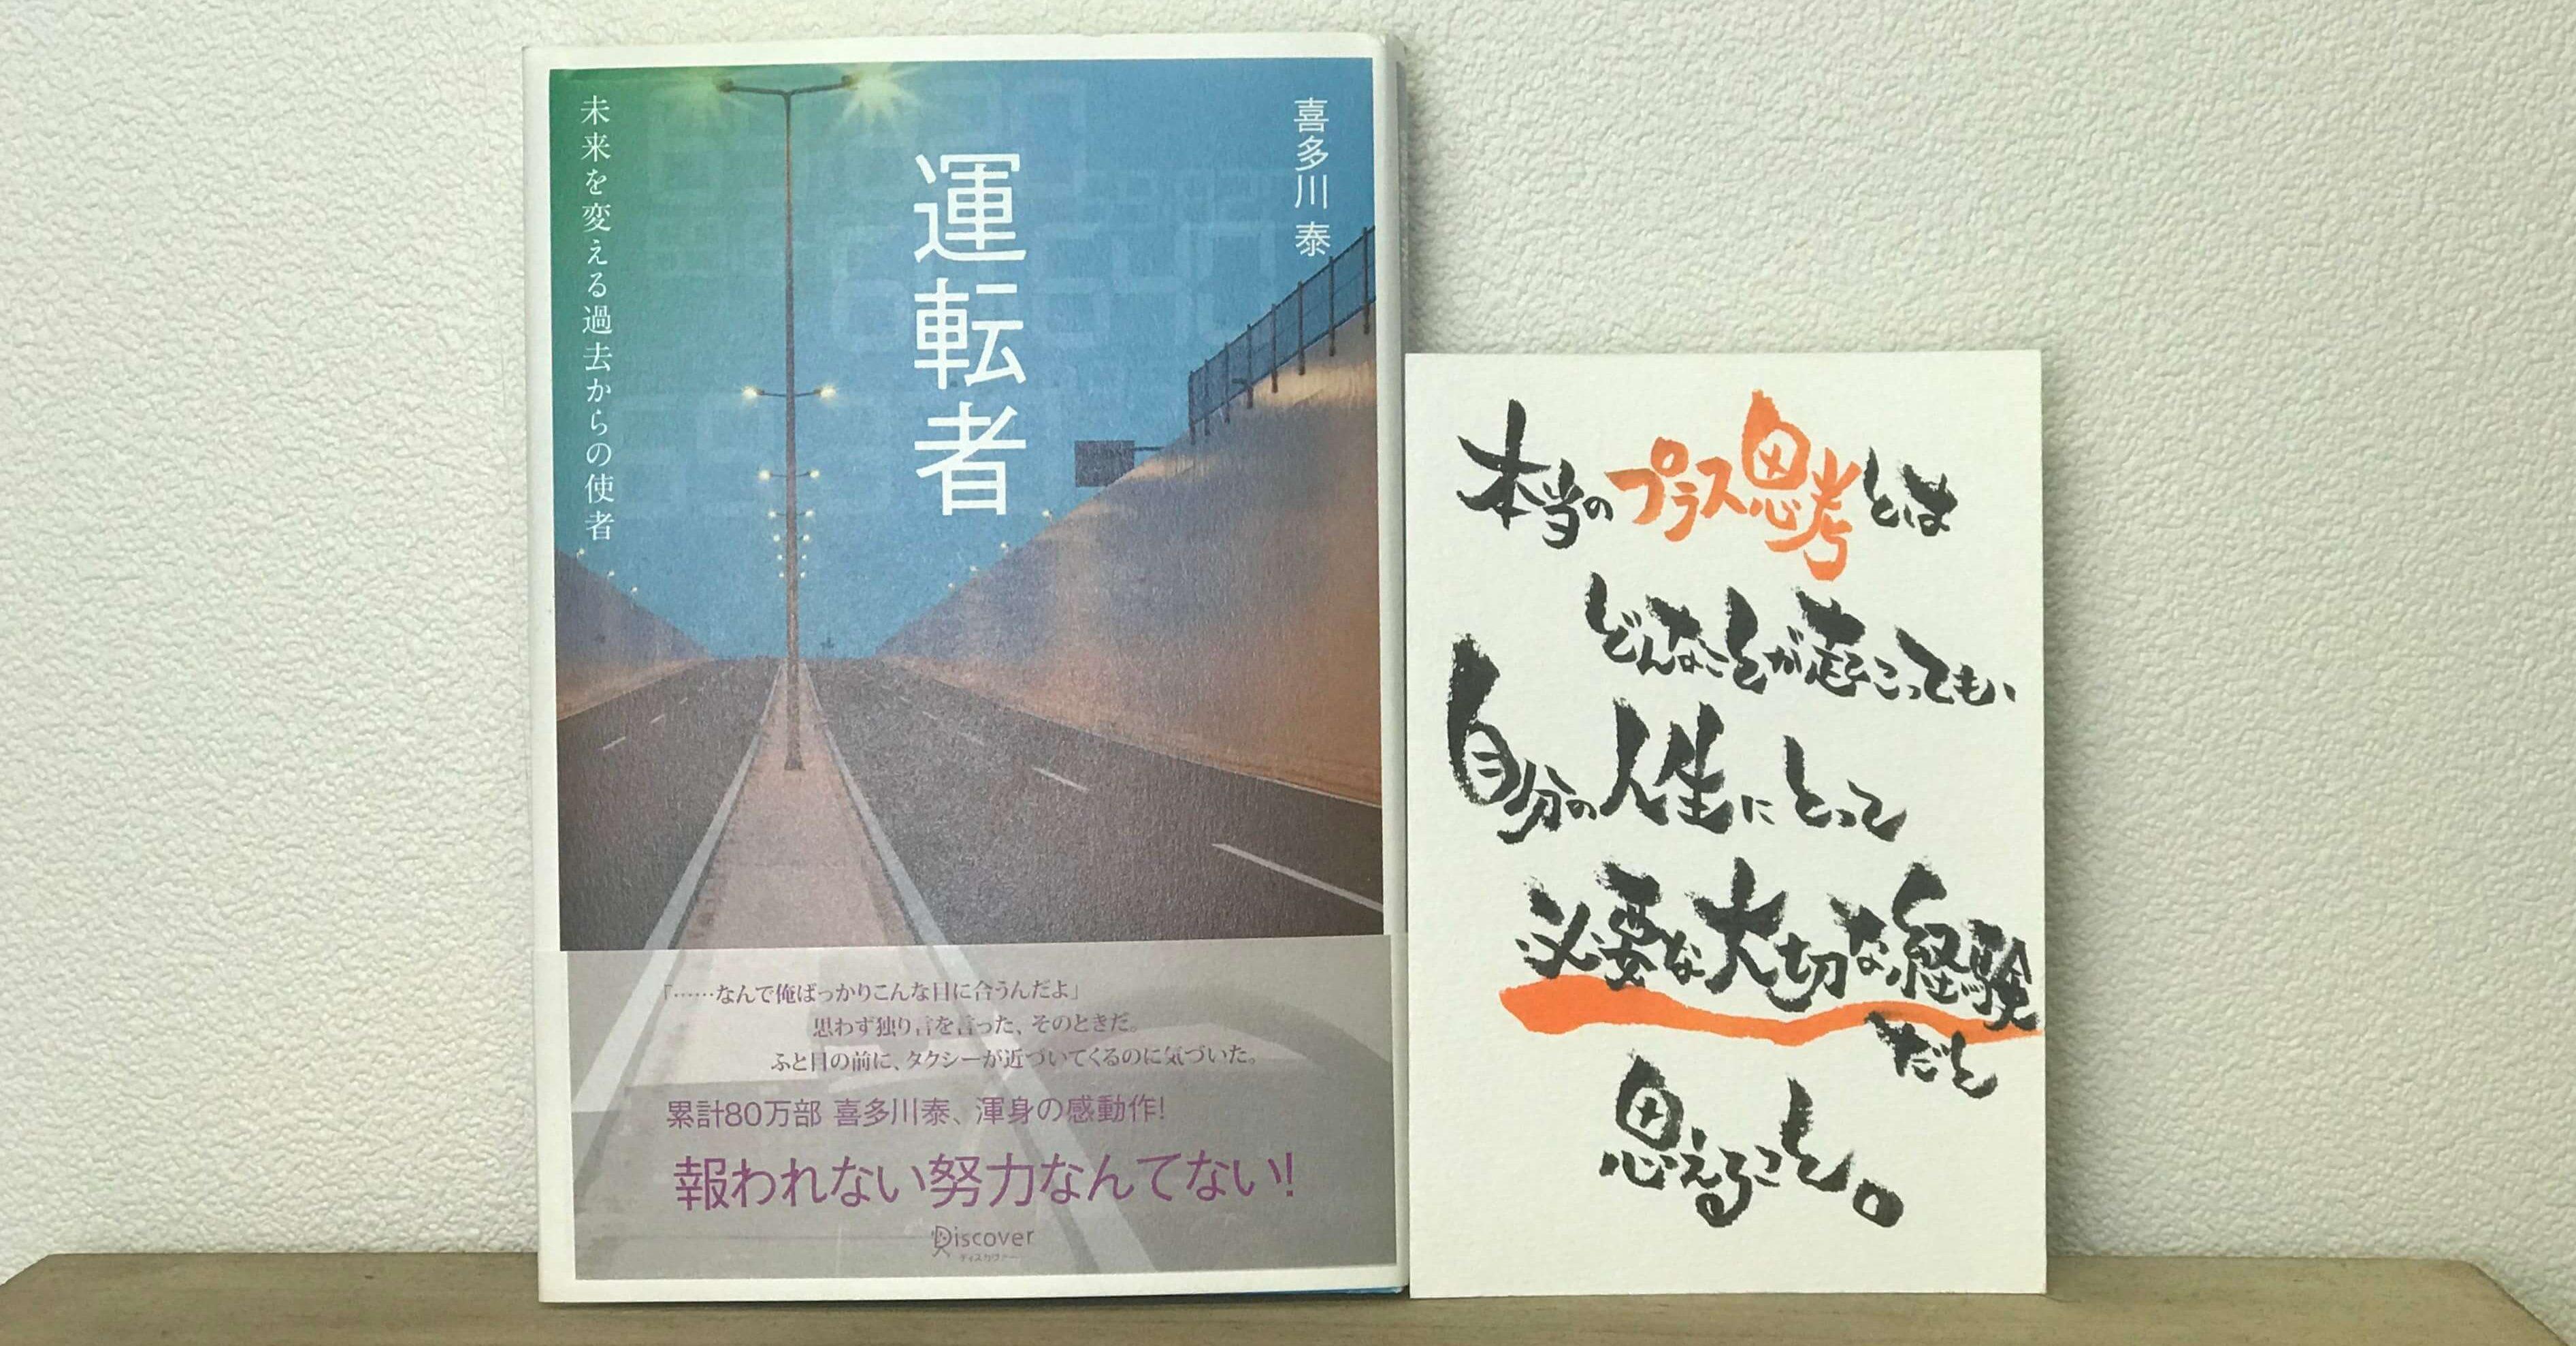 「運転者」喜多川泰の書評